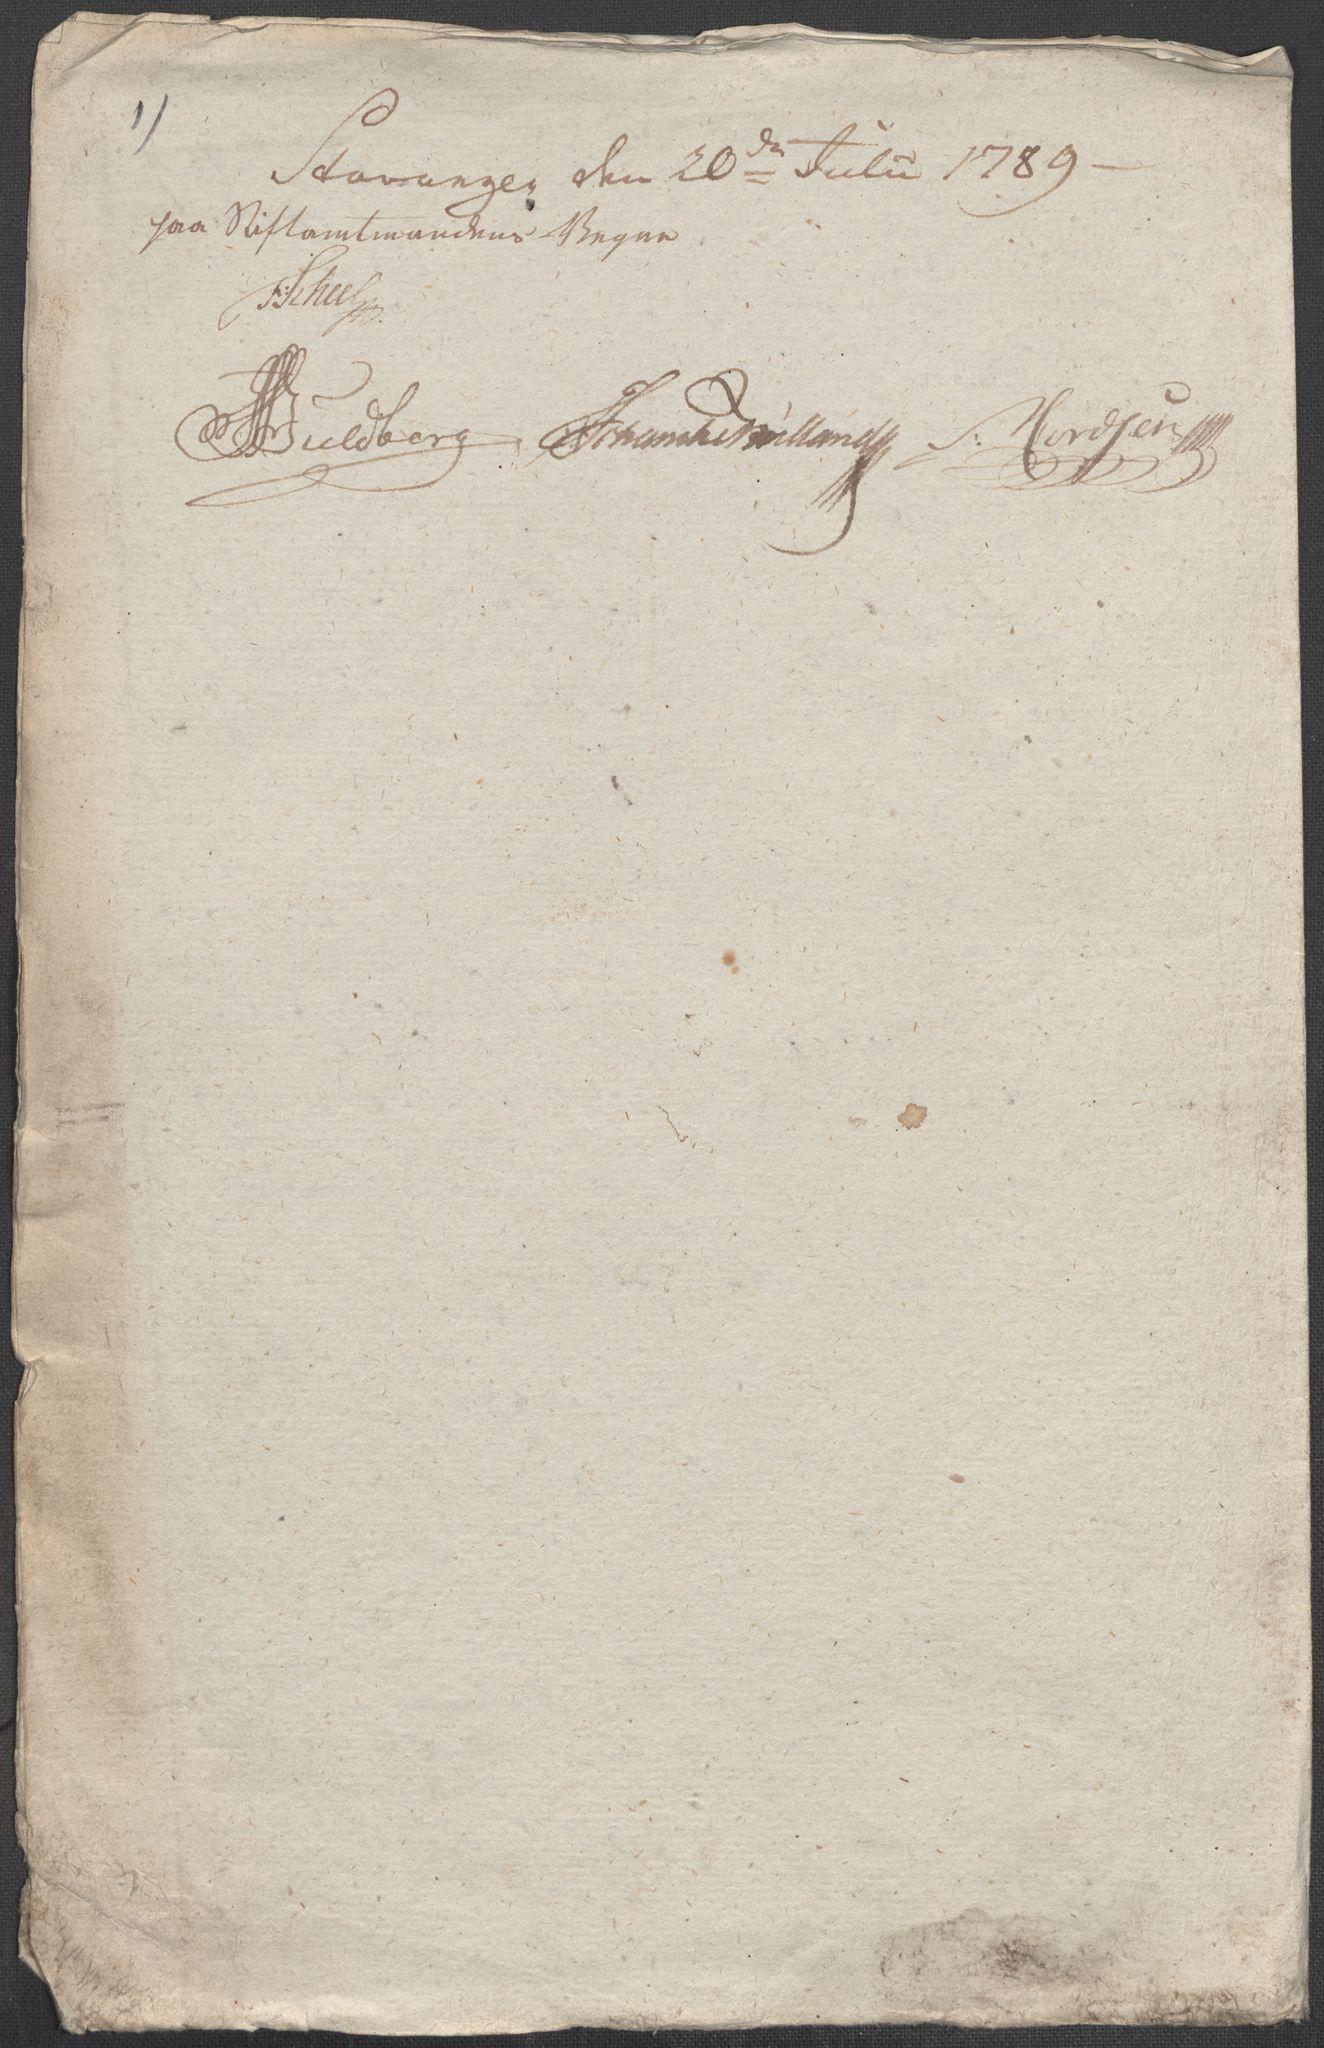 RA, Rentekammeret inntil 1814, Reviderte regnskaper, Mindre regnskaper, Rf/Rfe/L0045: Stavanger, Stjørdal og Verdal fogderi, 1789, s. 24